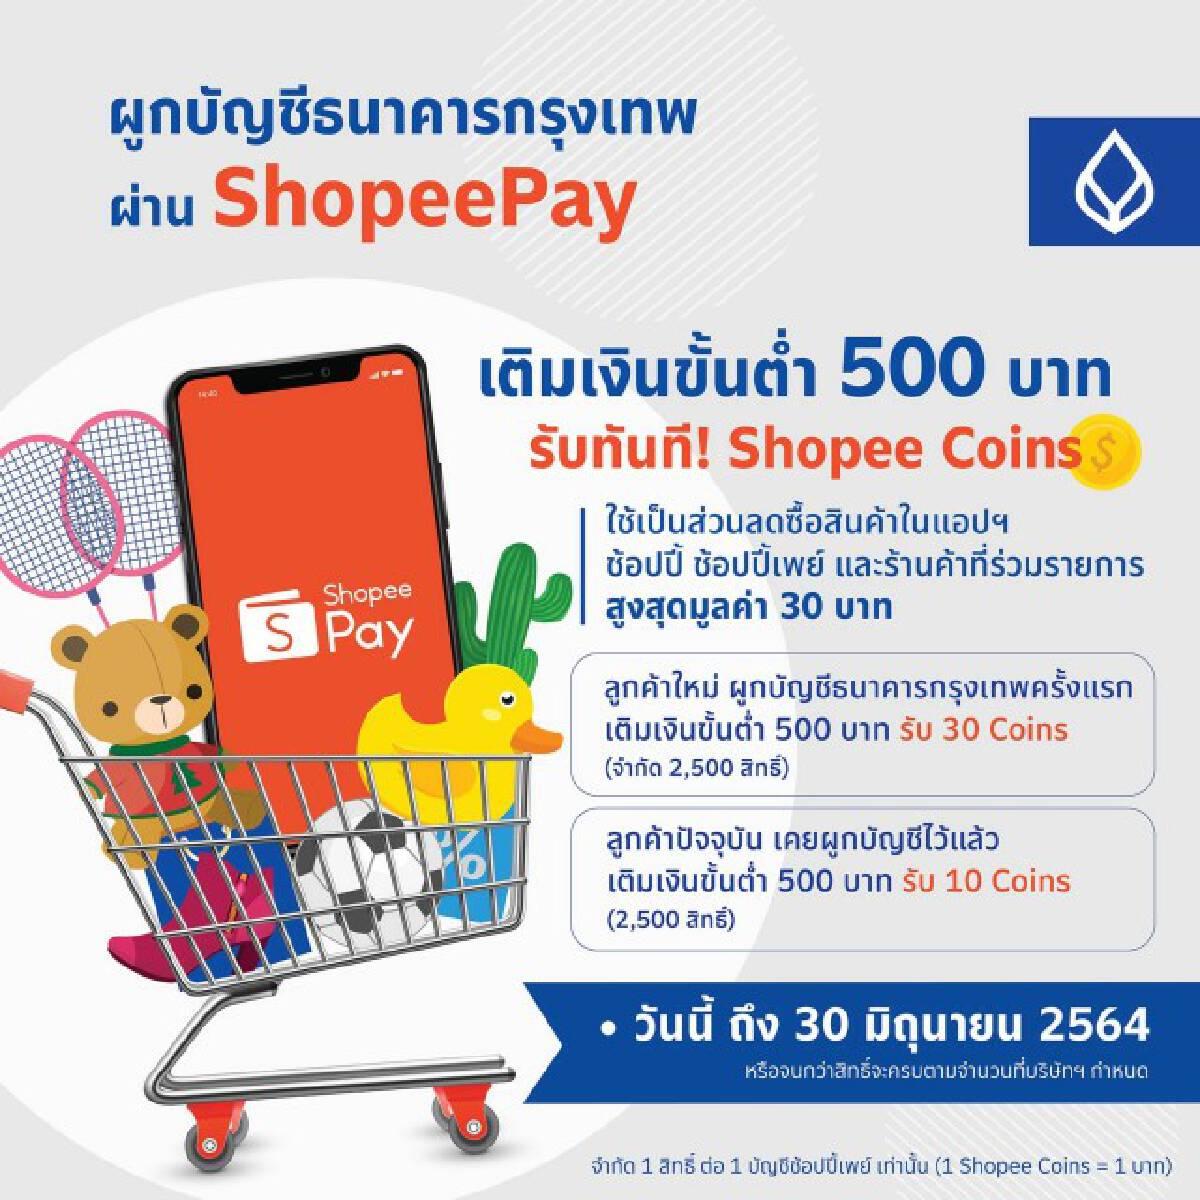 ธ.กรุงเทพ จับมือ Shopee ผูกบัญชีผ่าน ShopeePay รับสิทธิพิเศษสุดคุ้ม!